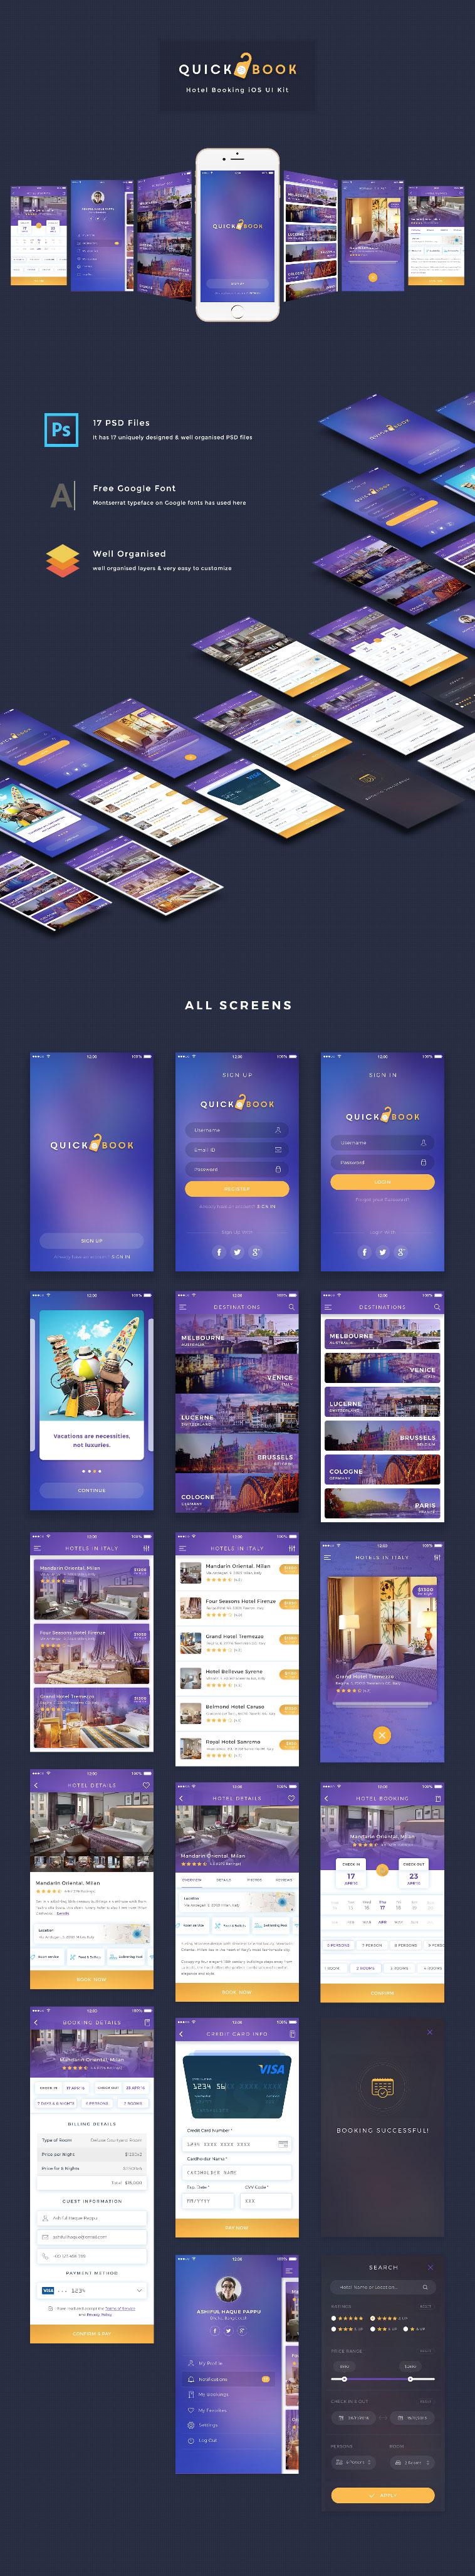 酒店快速预定 iOS UI Kit下载[PSD]